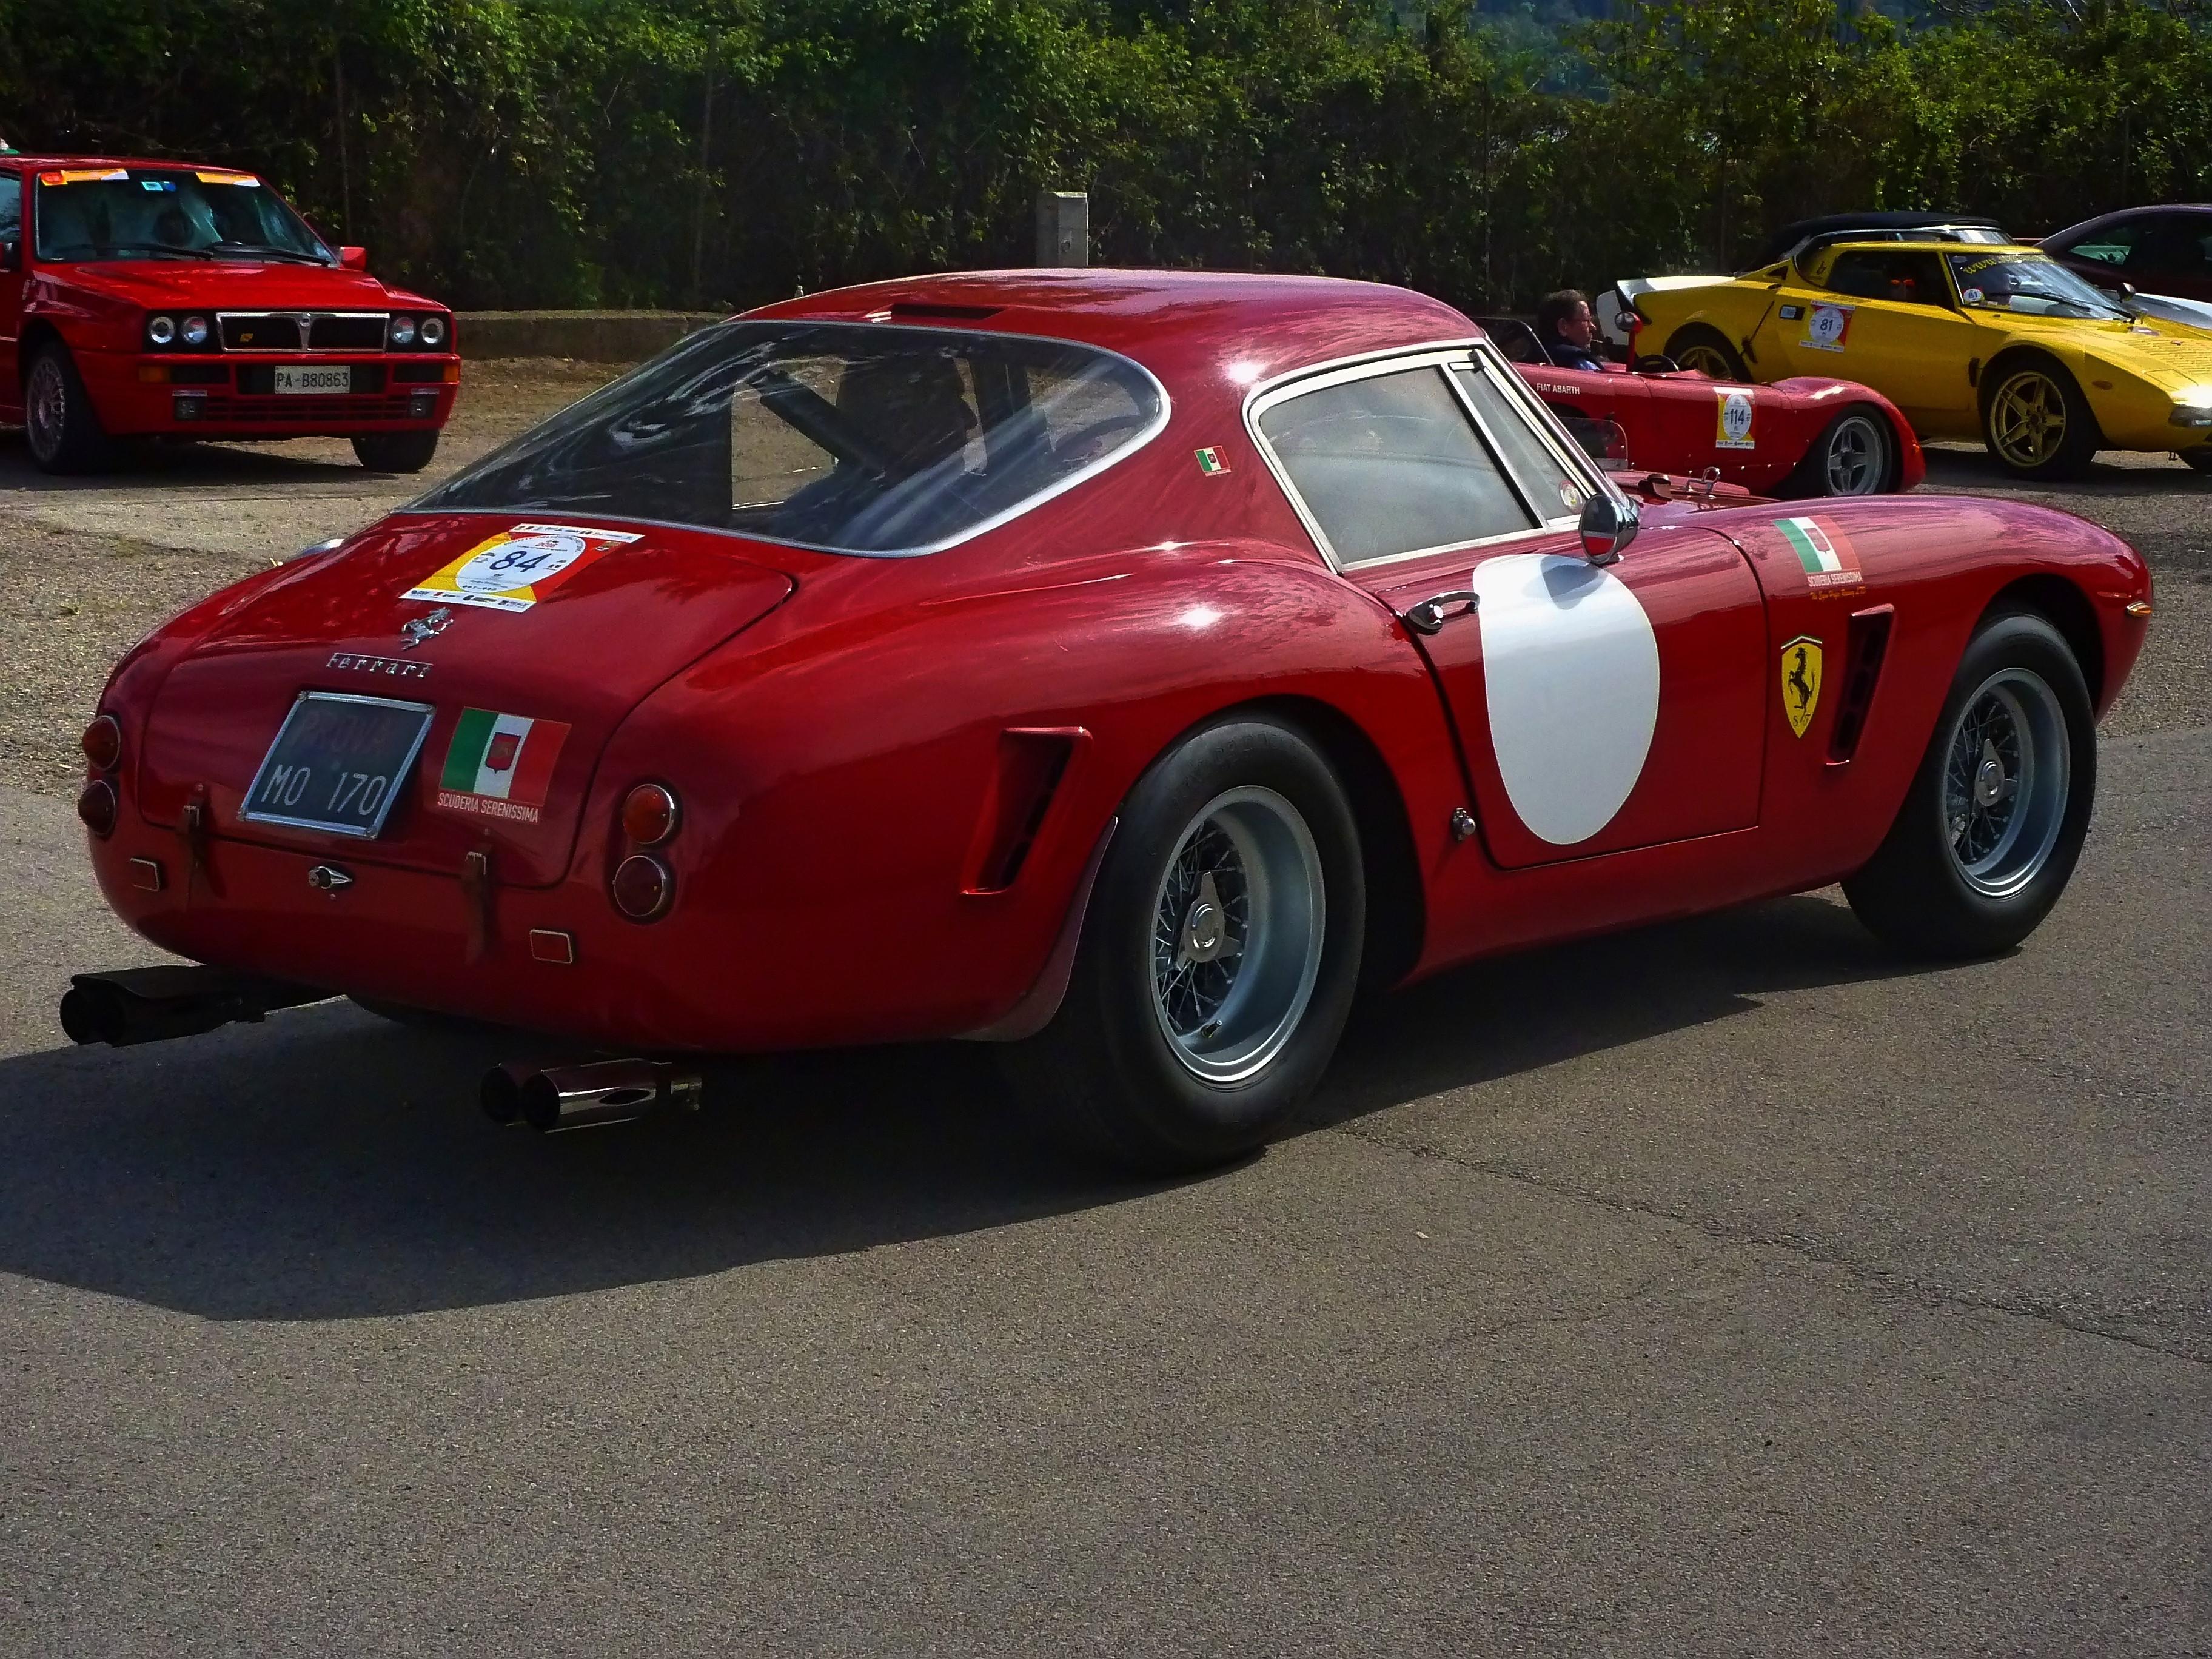 1961 Ferrari 250 GT SWB #2701 (69)_filtered